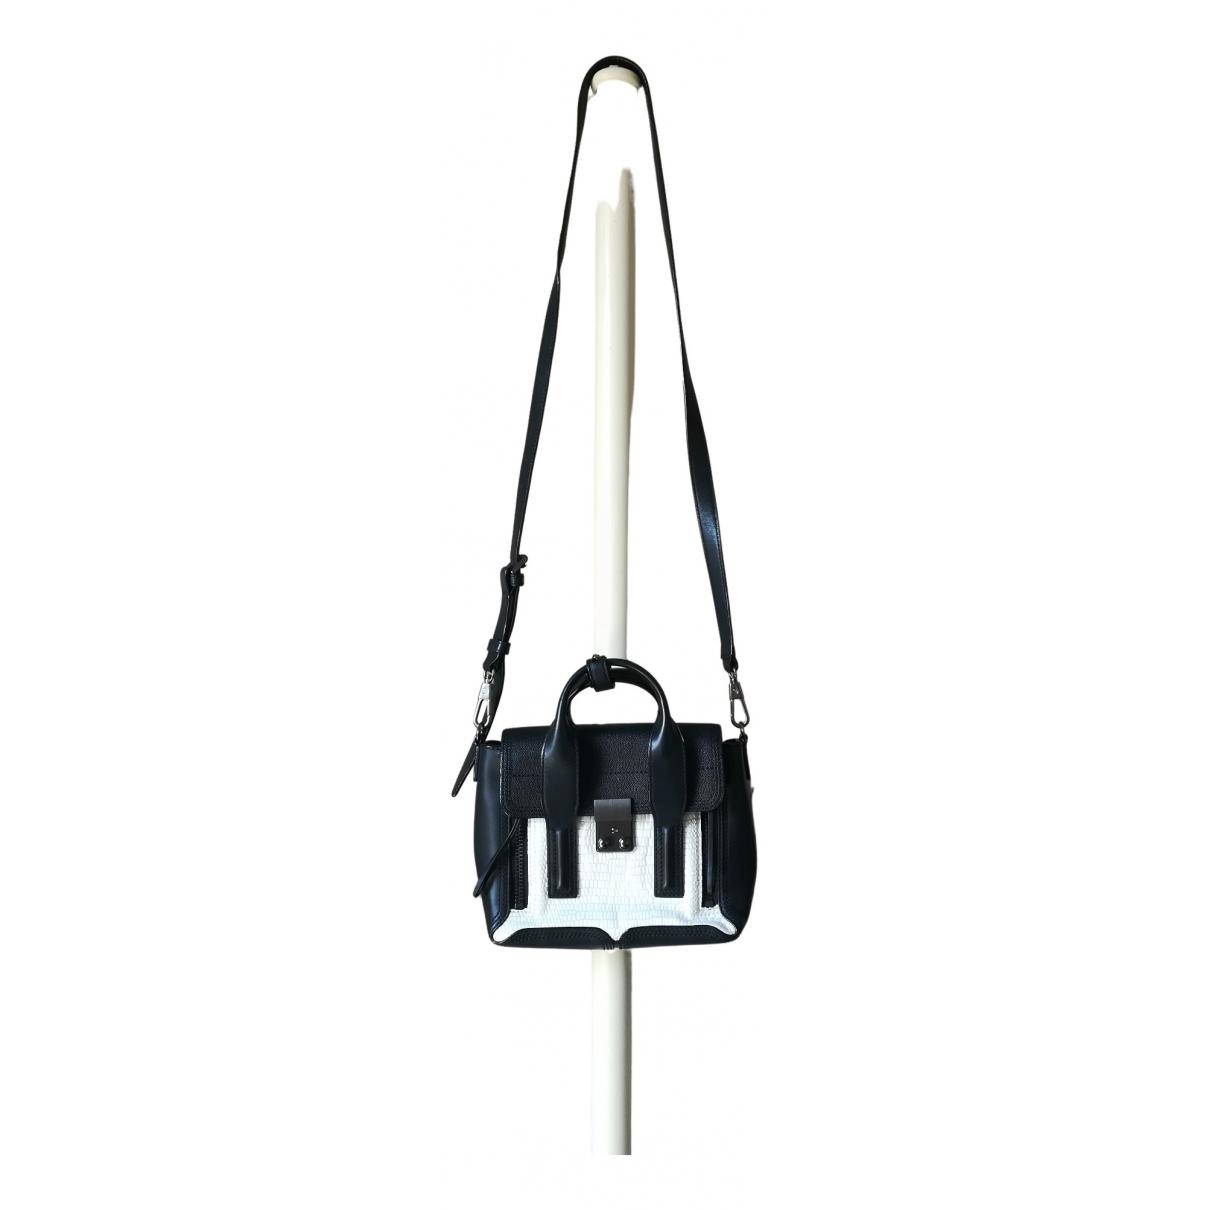 3.1 Phillip Lim Pashli Black Leather handbag for Women N